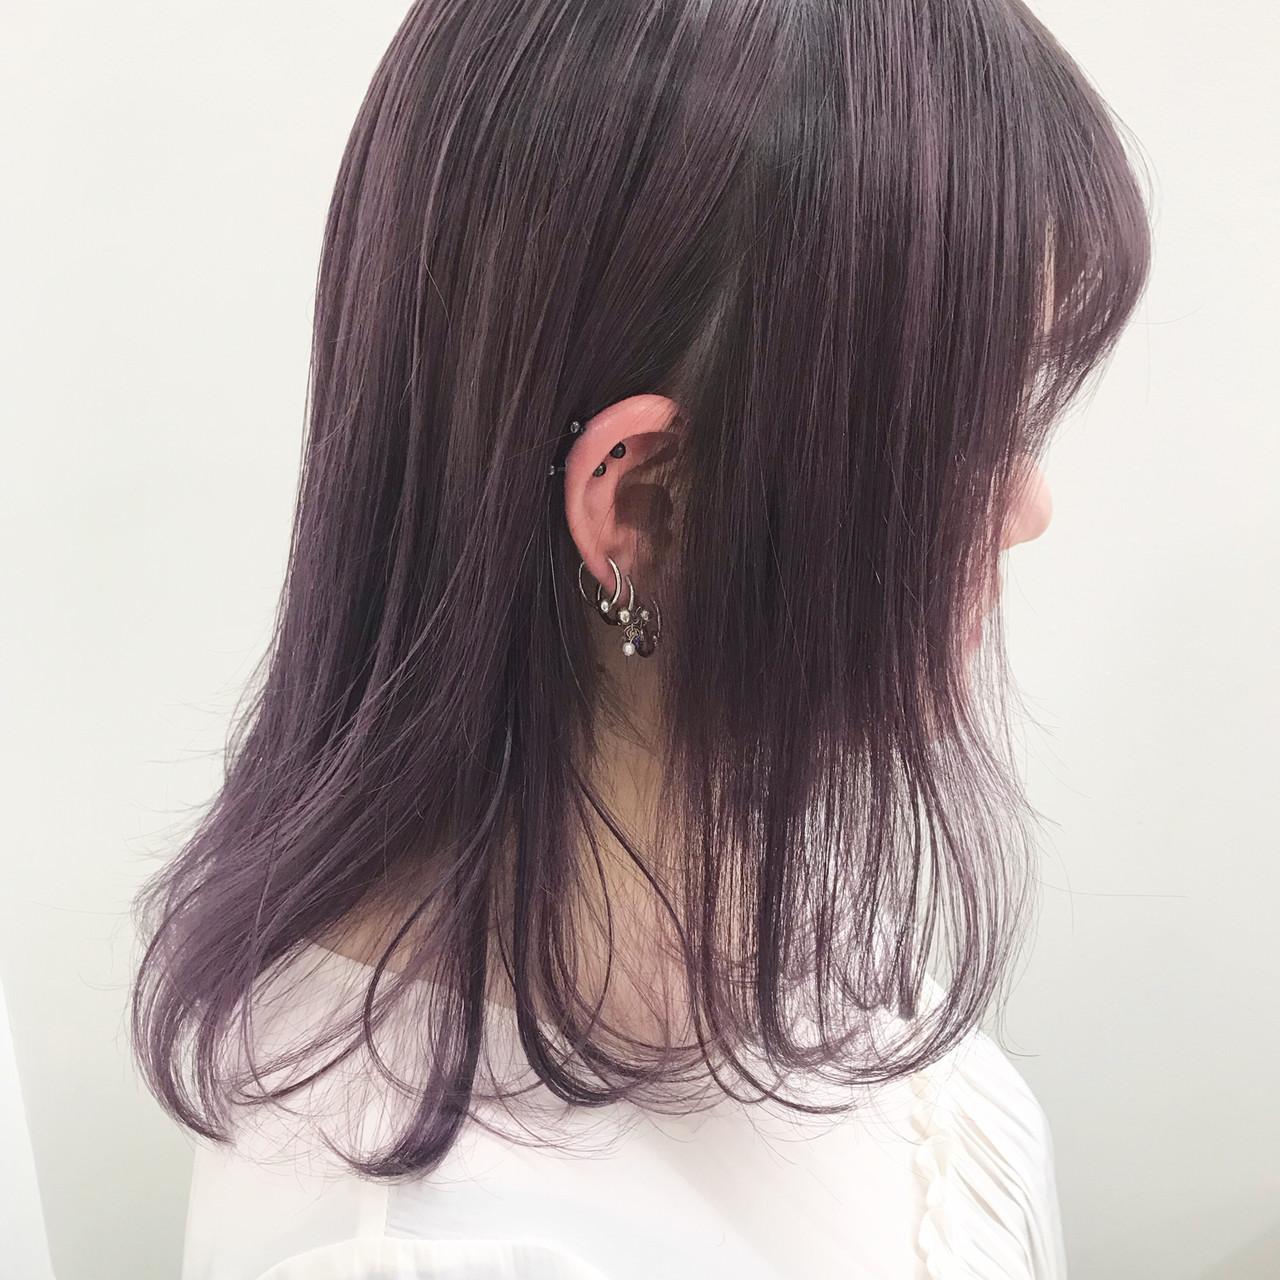 ピンクアッシュ ミディアム ピンク ピンクパープル ヘアスタイルや髪型の写真・画像